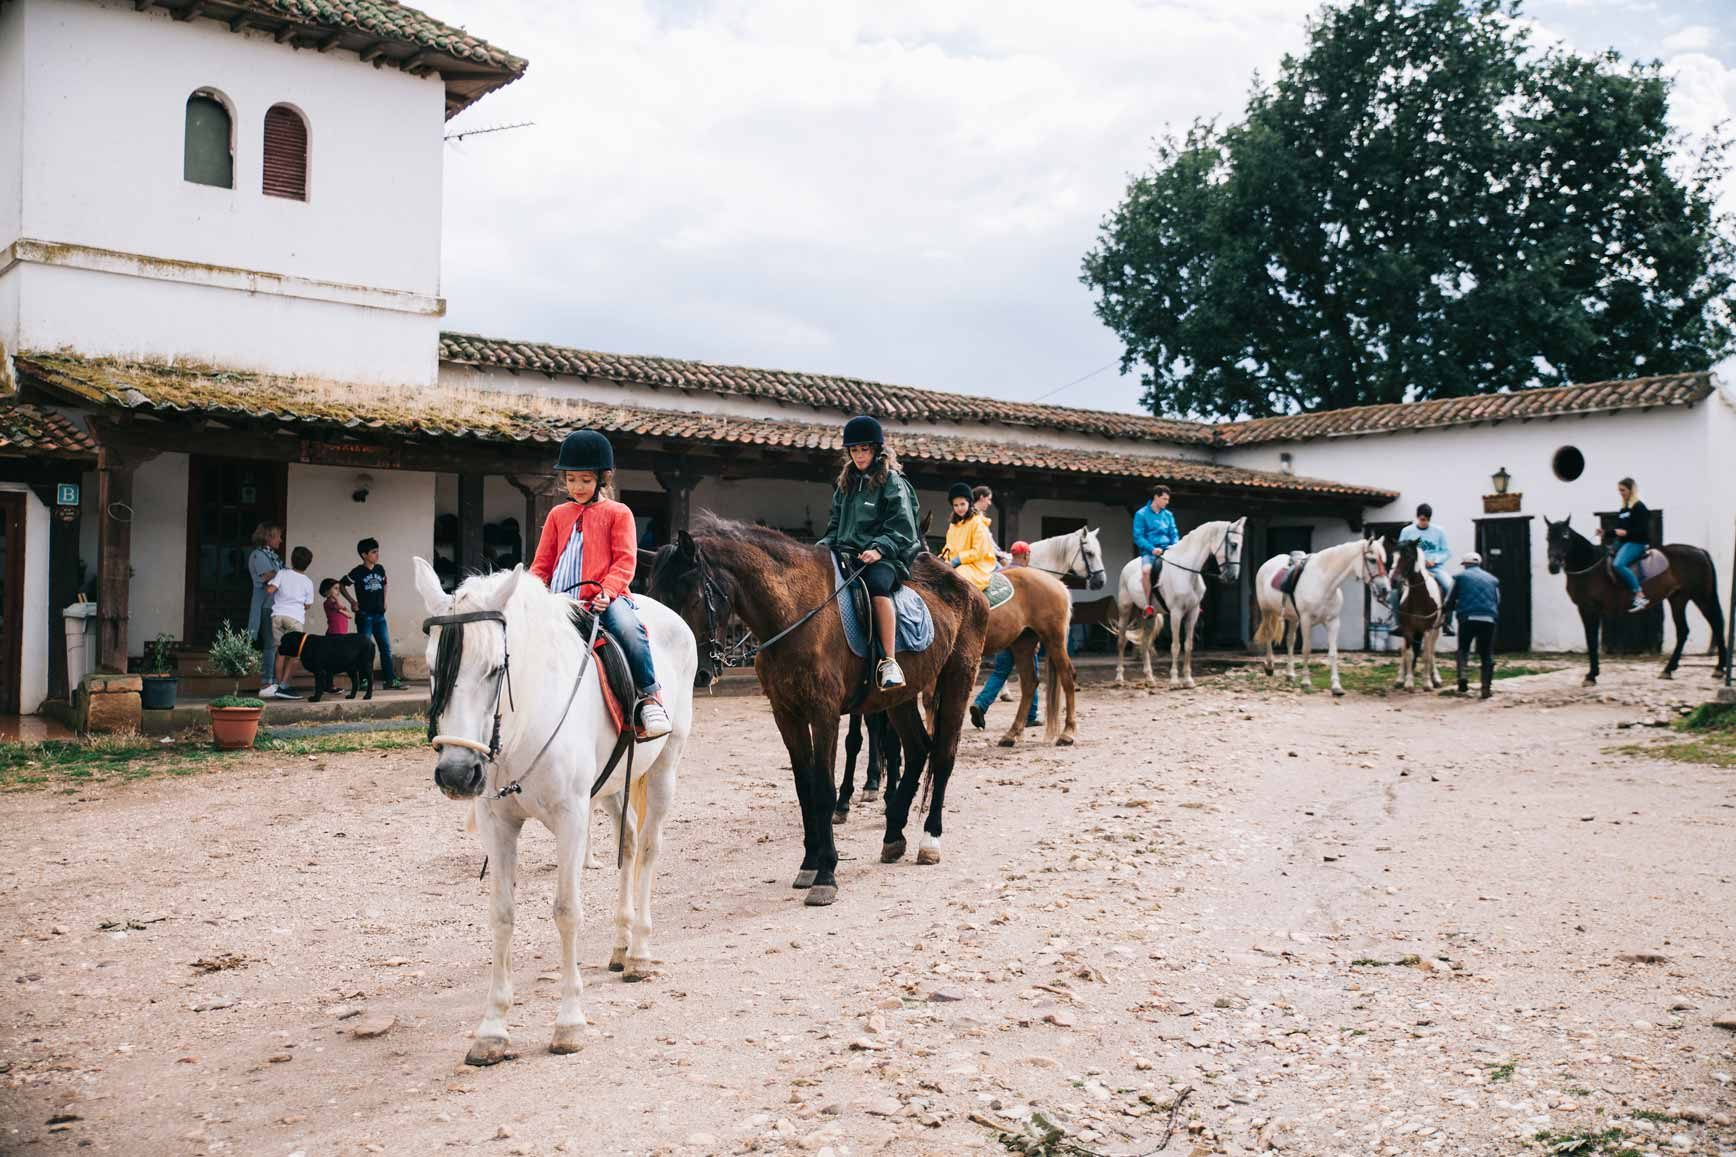 Ruta a Caballo - Caballos La Vereda_claraBmartin_41